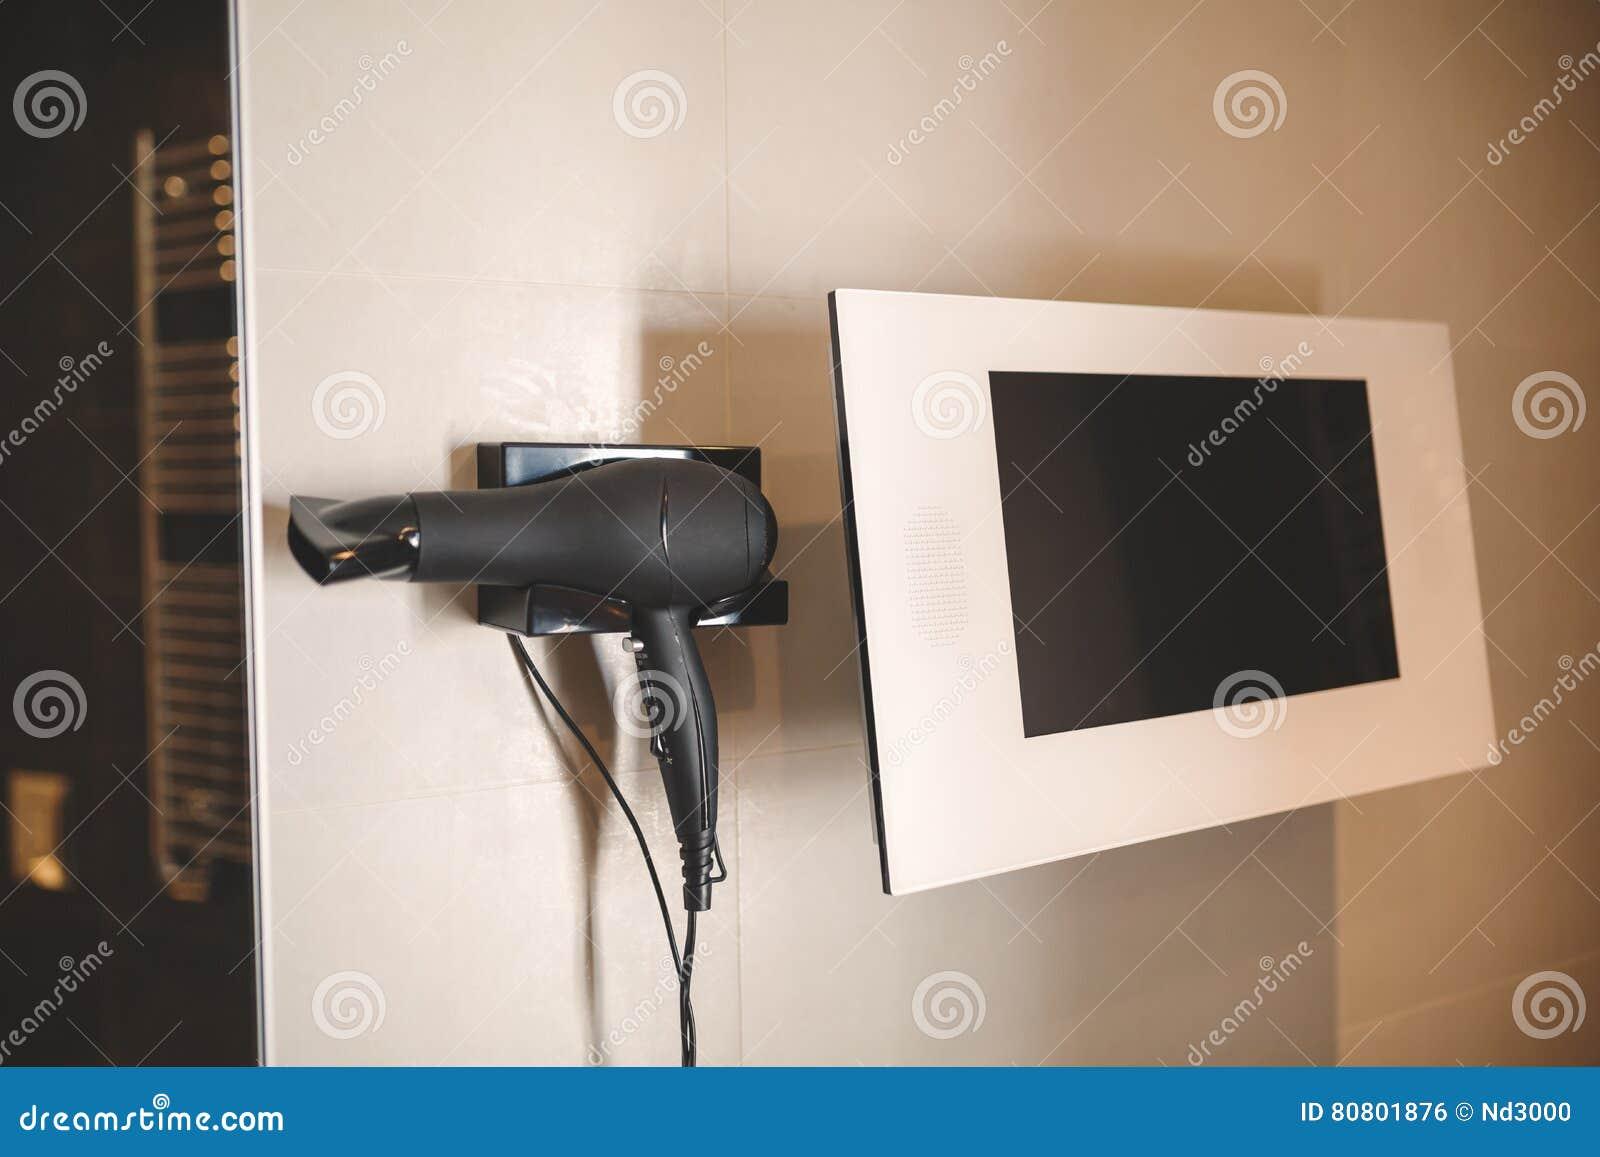 Monitortv in badkamers is modern materiaal